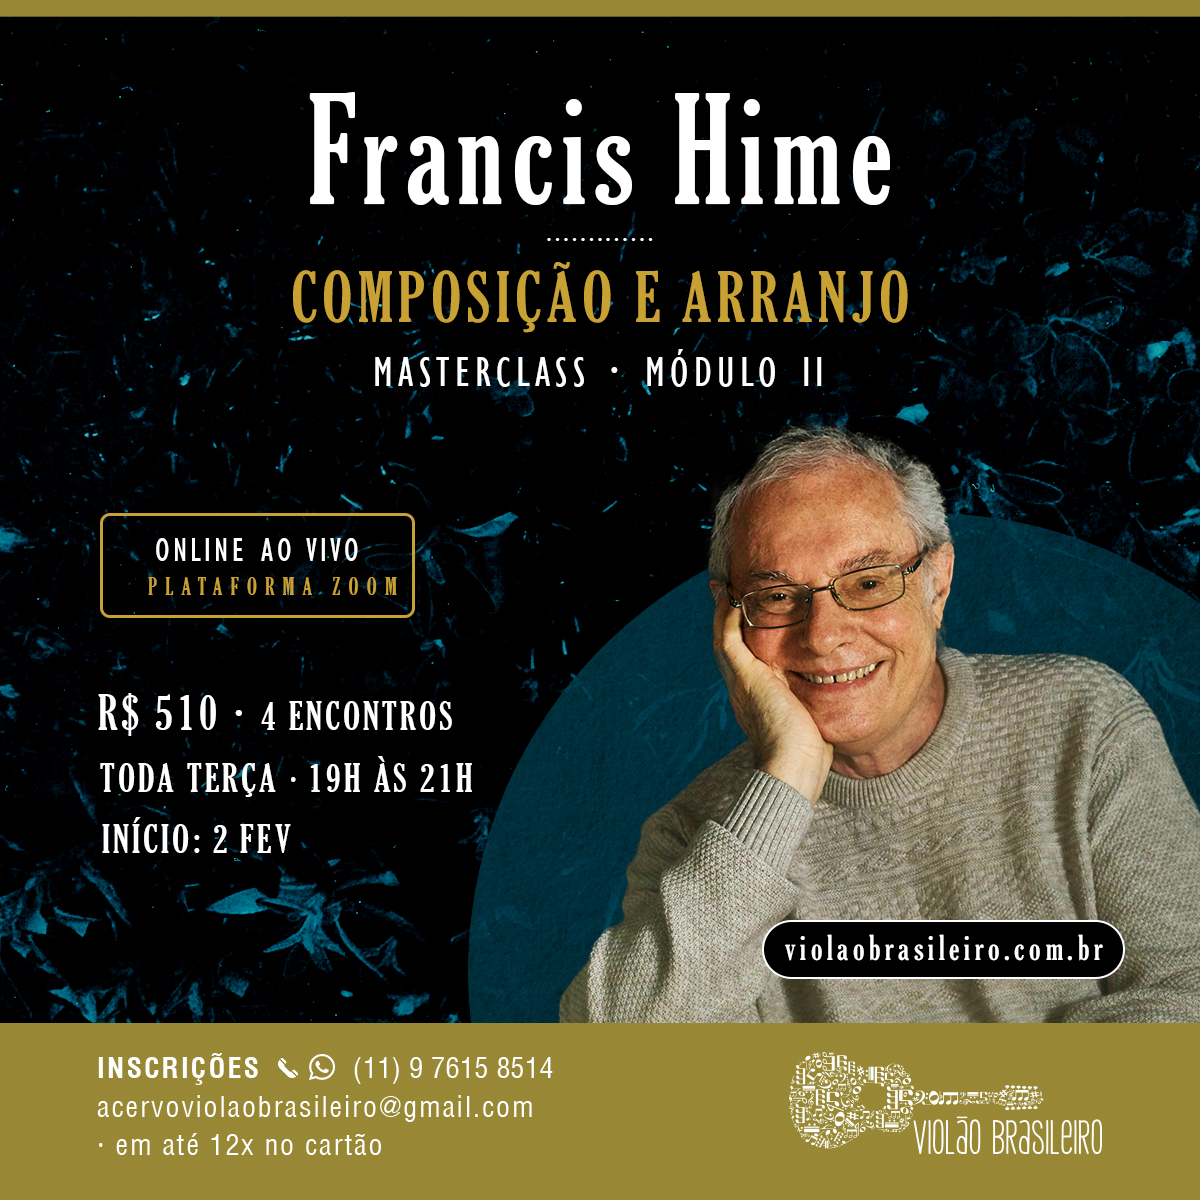 Aulão ao vivo de Paulo Bellinati e Francis Hime inaugura novo ciclo do Acervo - banner Francis Hime